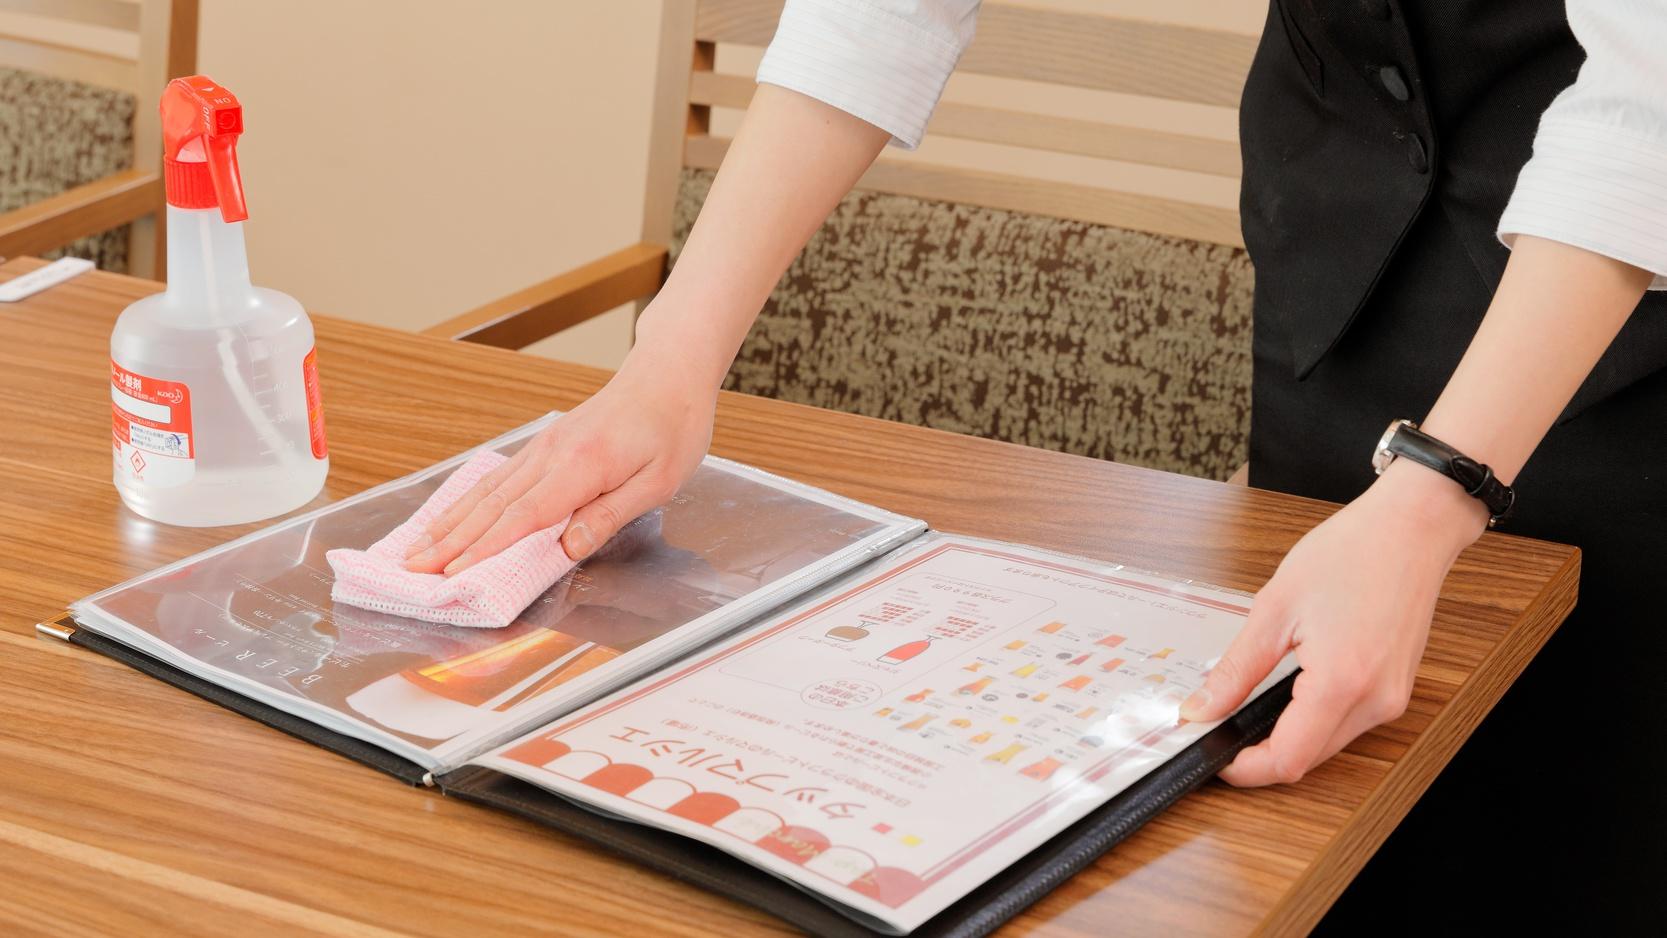 【当館の取り組み】お客様が触れるメニュー等はすべて、除菌をしています。